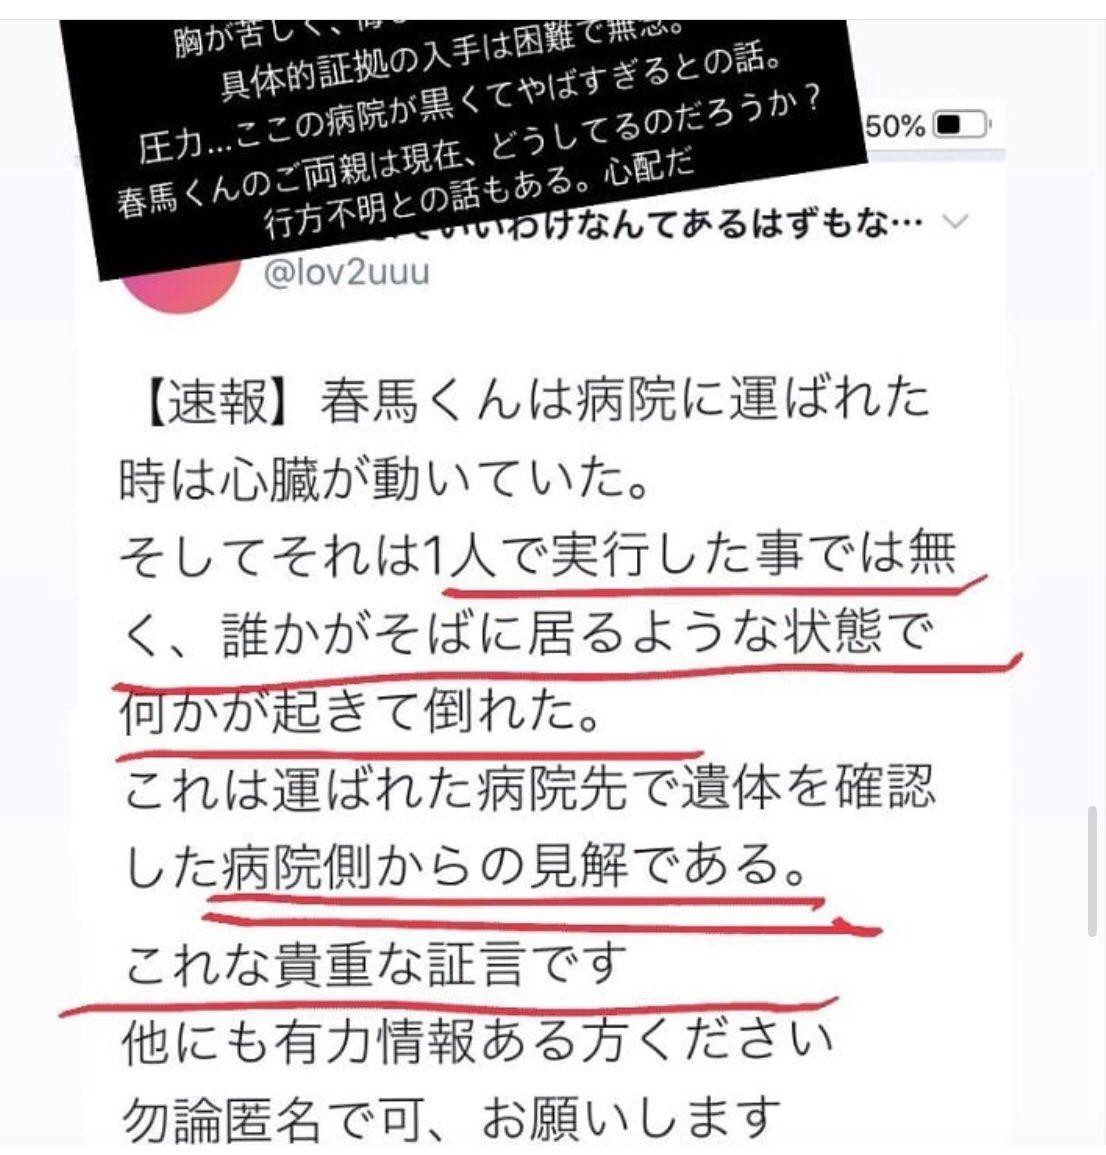 芋 澤 貞雄 ブログ